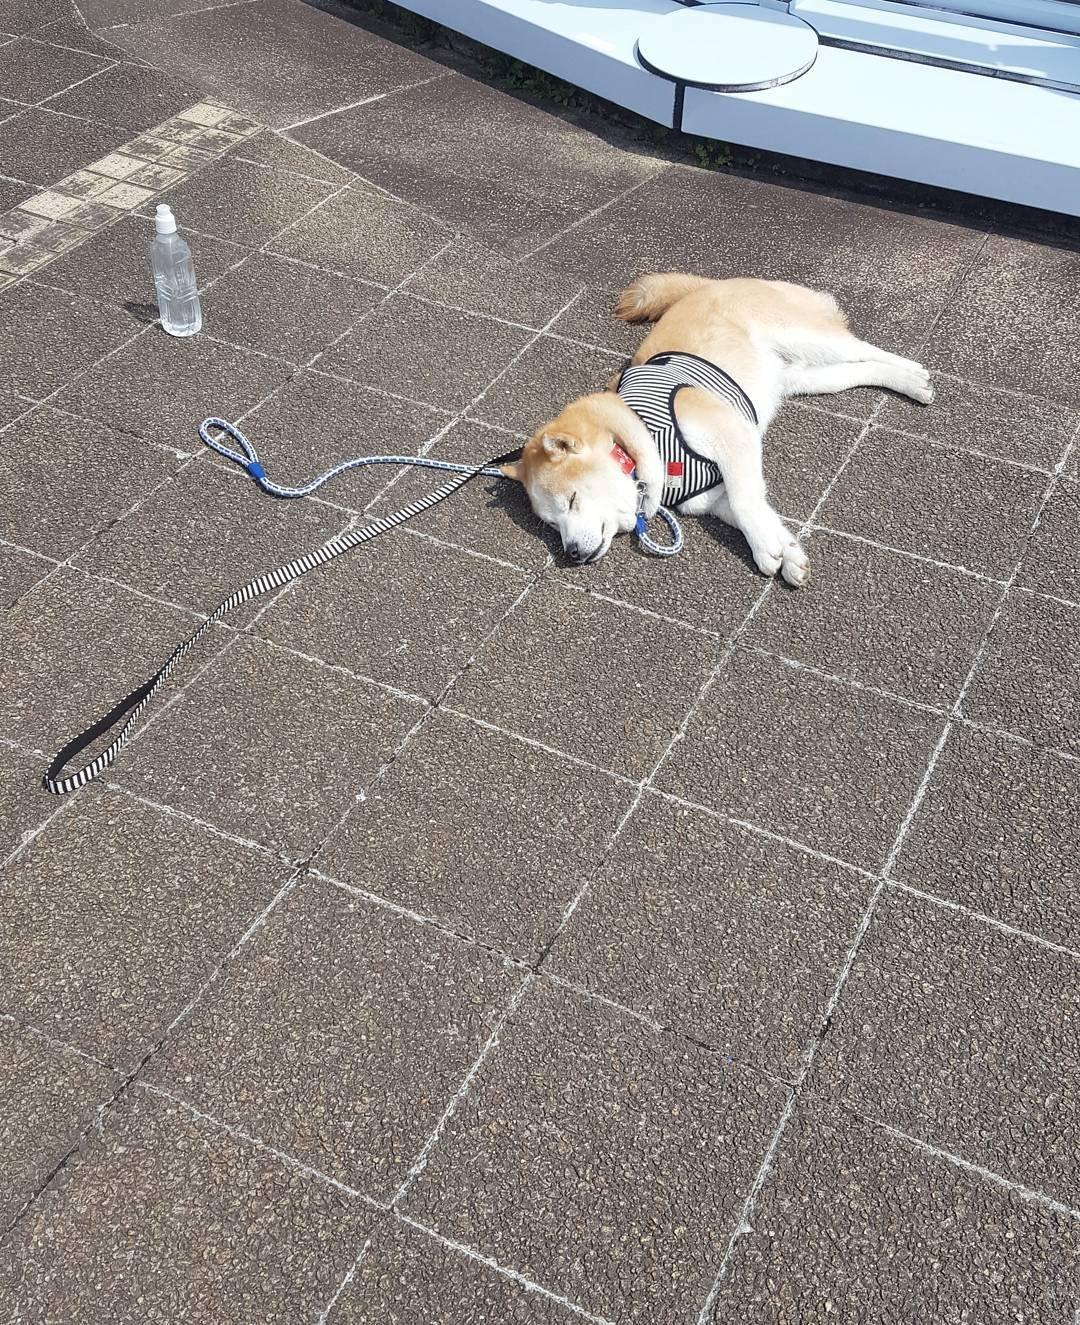 171202 110 - 誰家柴犬掉在路上啦?散步途中耍賴不肯動的日本超萌柴柴